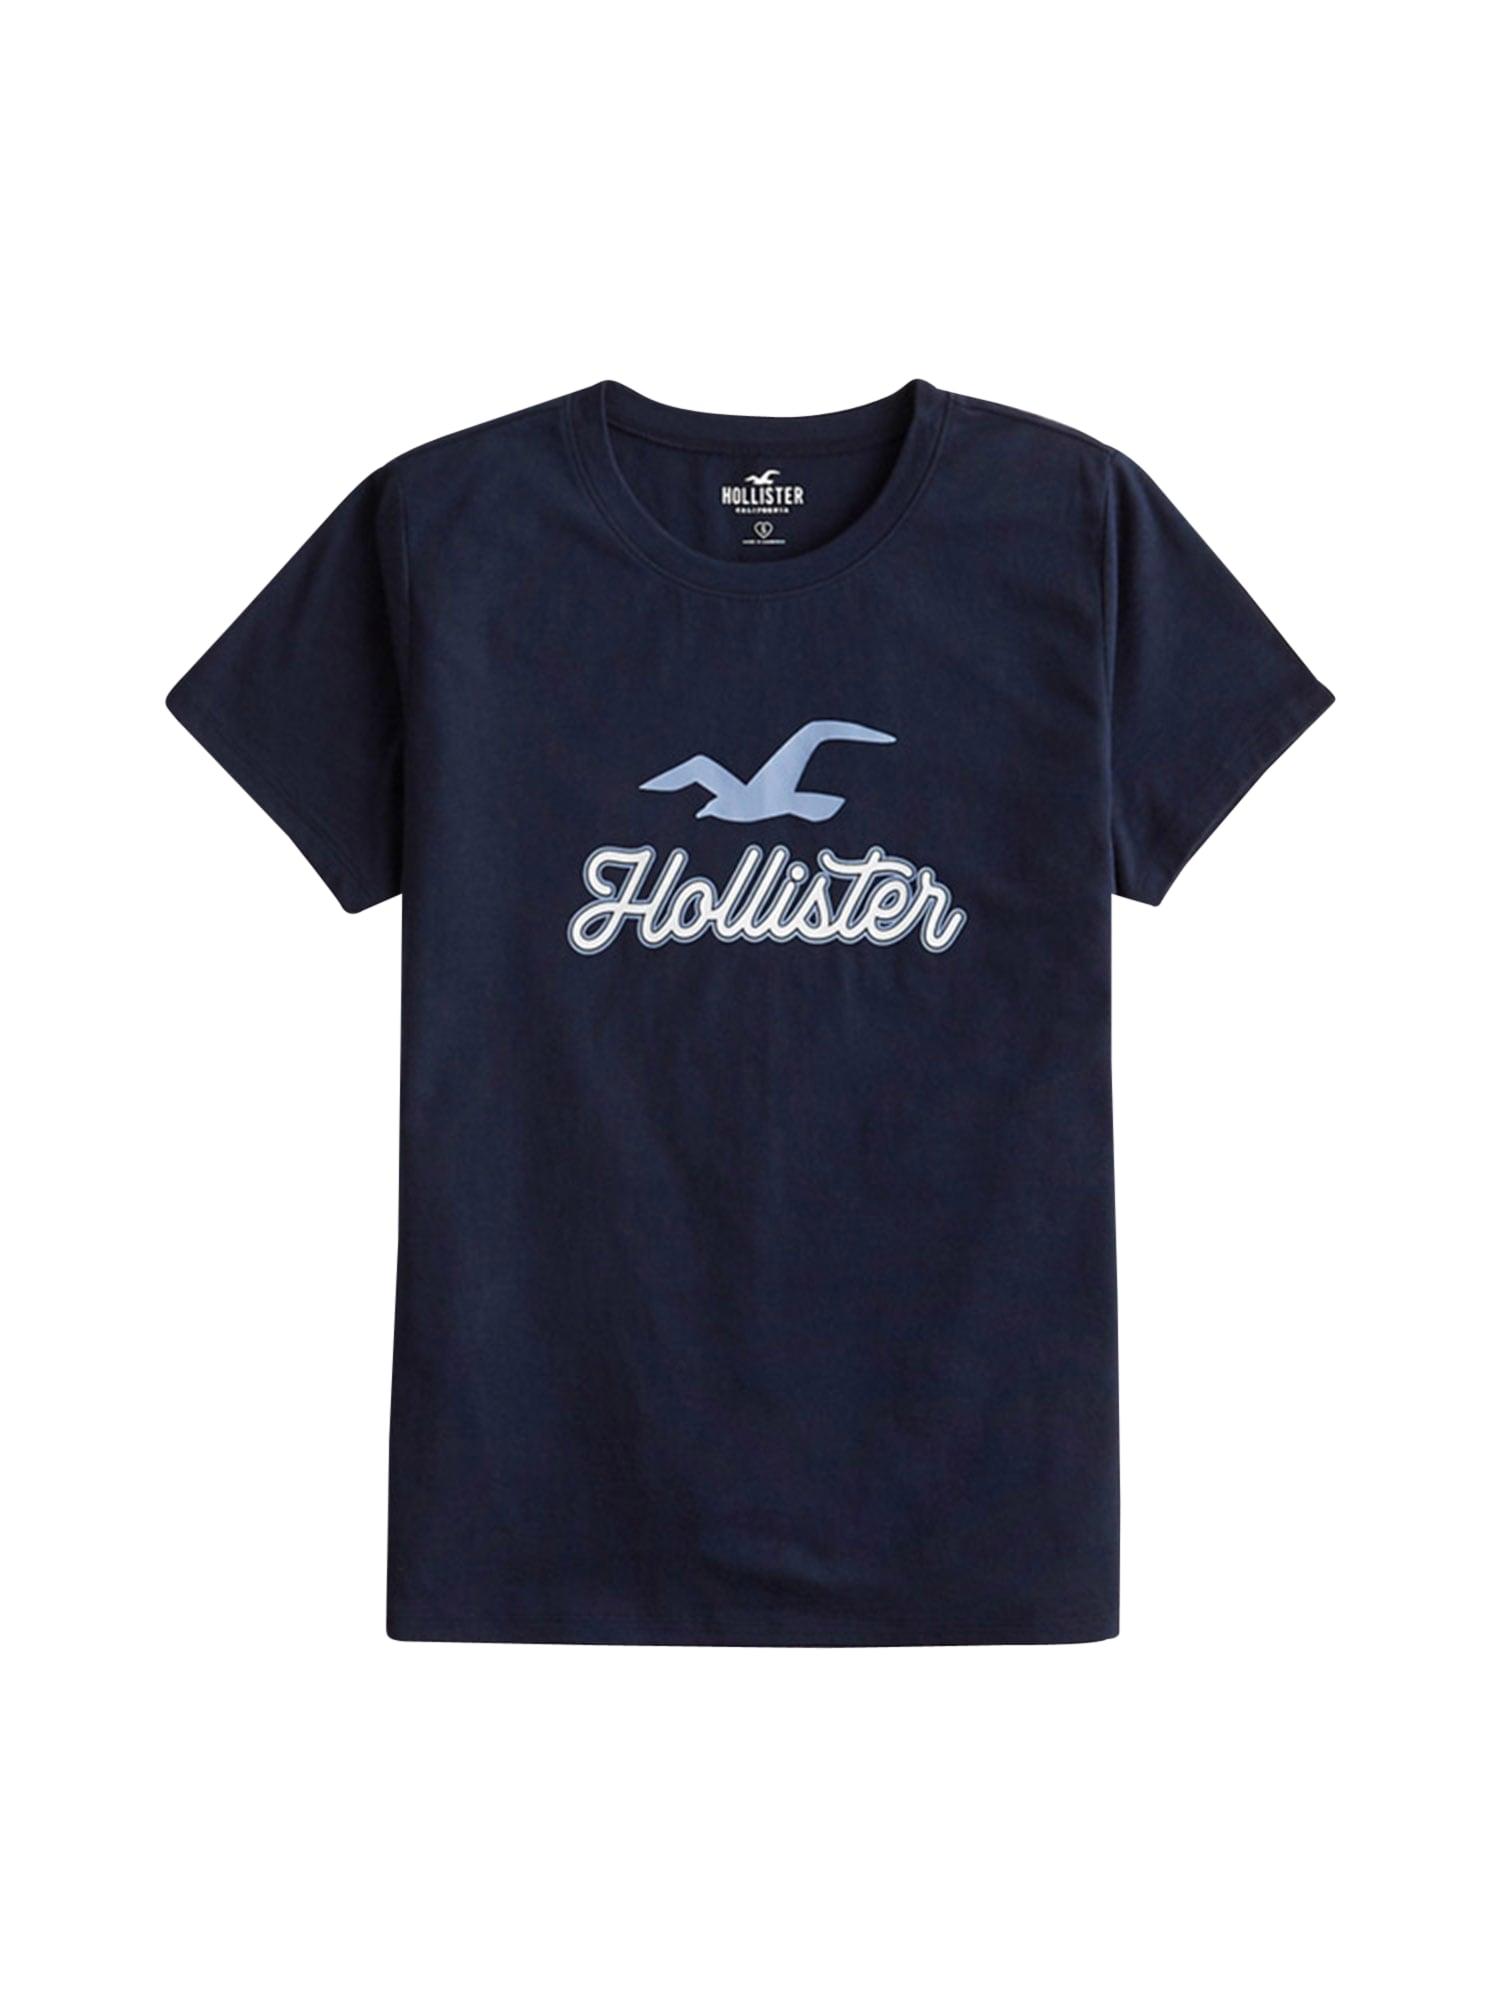 HOLLISTER Tričko  námořnická modř / bílá / nebeská modř